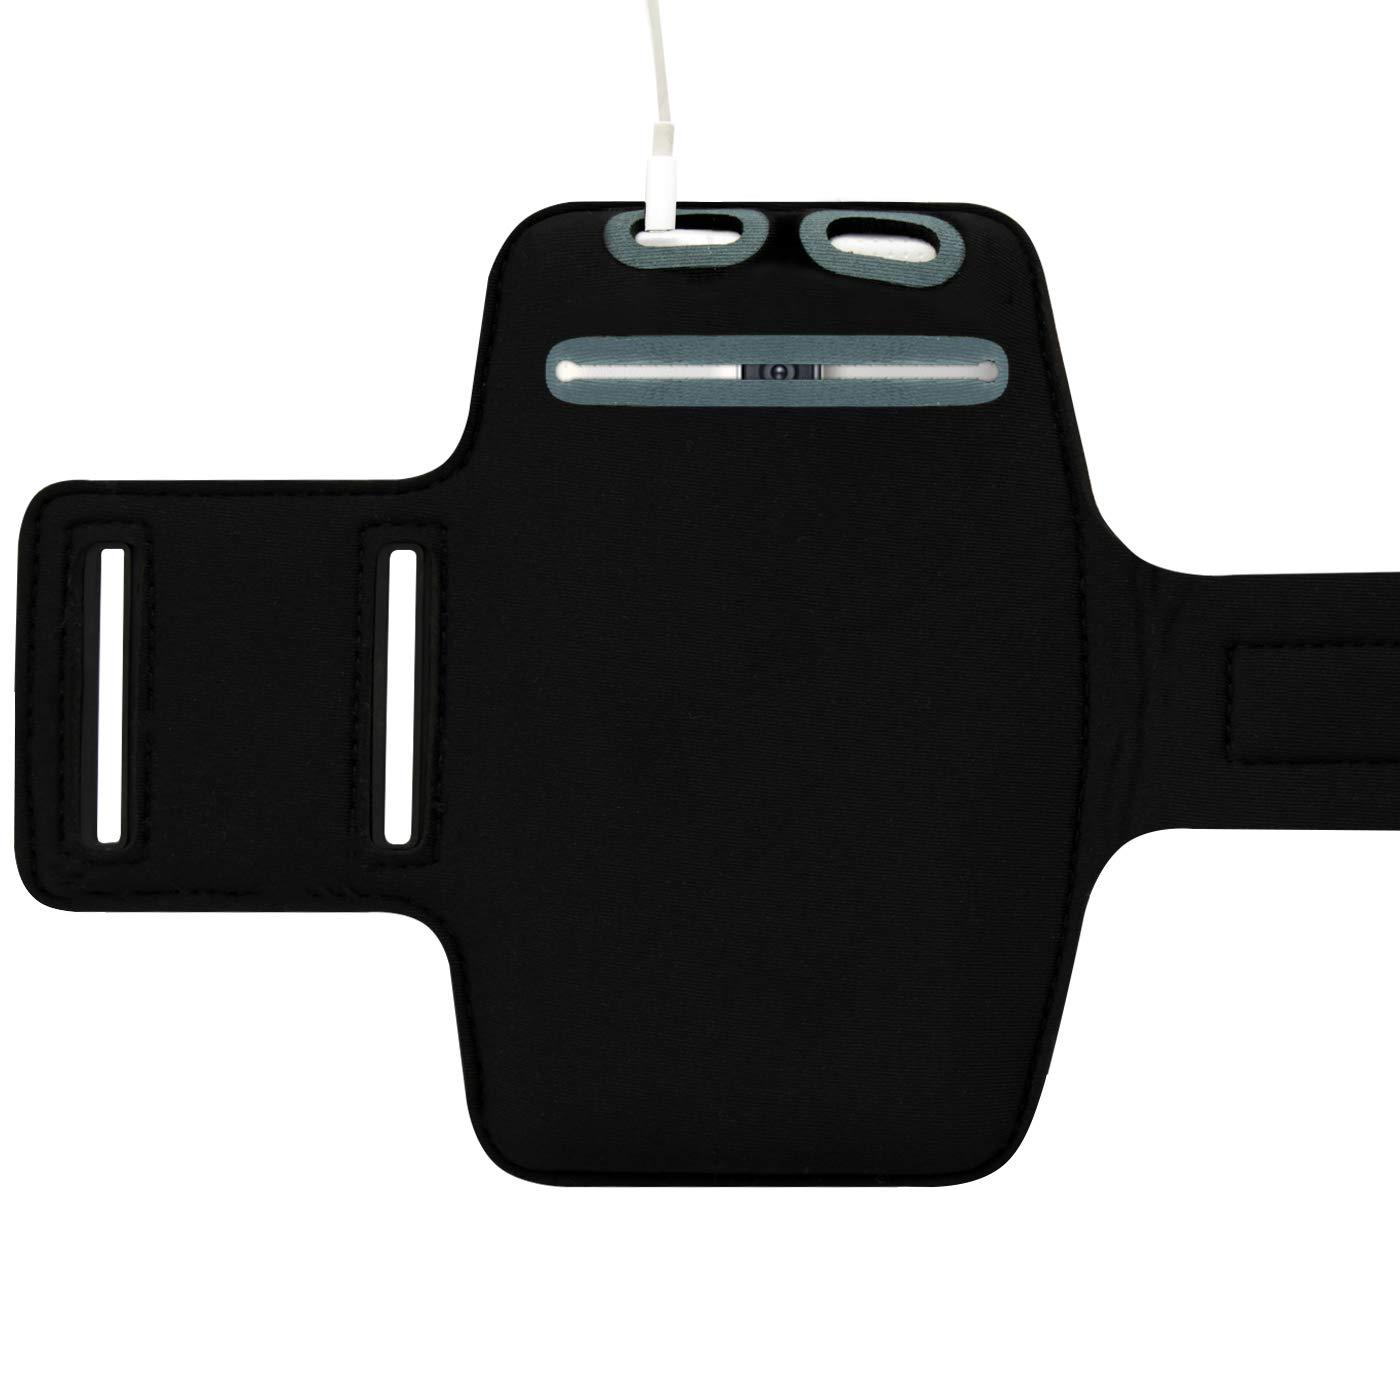 Schwarz F/ür Sony Xperia XA2 // XA // XA1 // Plus // XZ2 // XZ1 // XZ // Z5 // Z5 Premium // Z5 Compact Smartphone Sportarmband Zum Joggen Neopren Sporth/ülle bis 5,7 Zoll LetiStore Handy Sport Armband